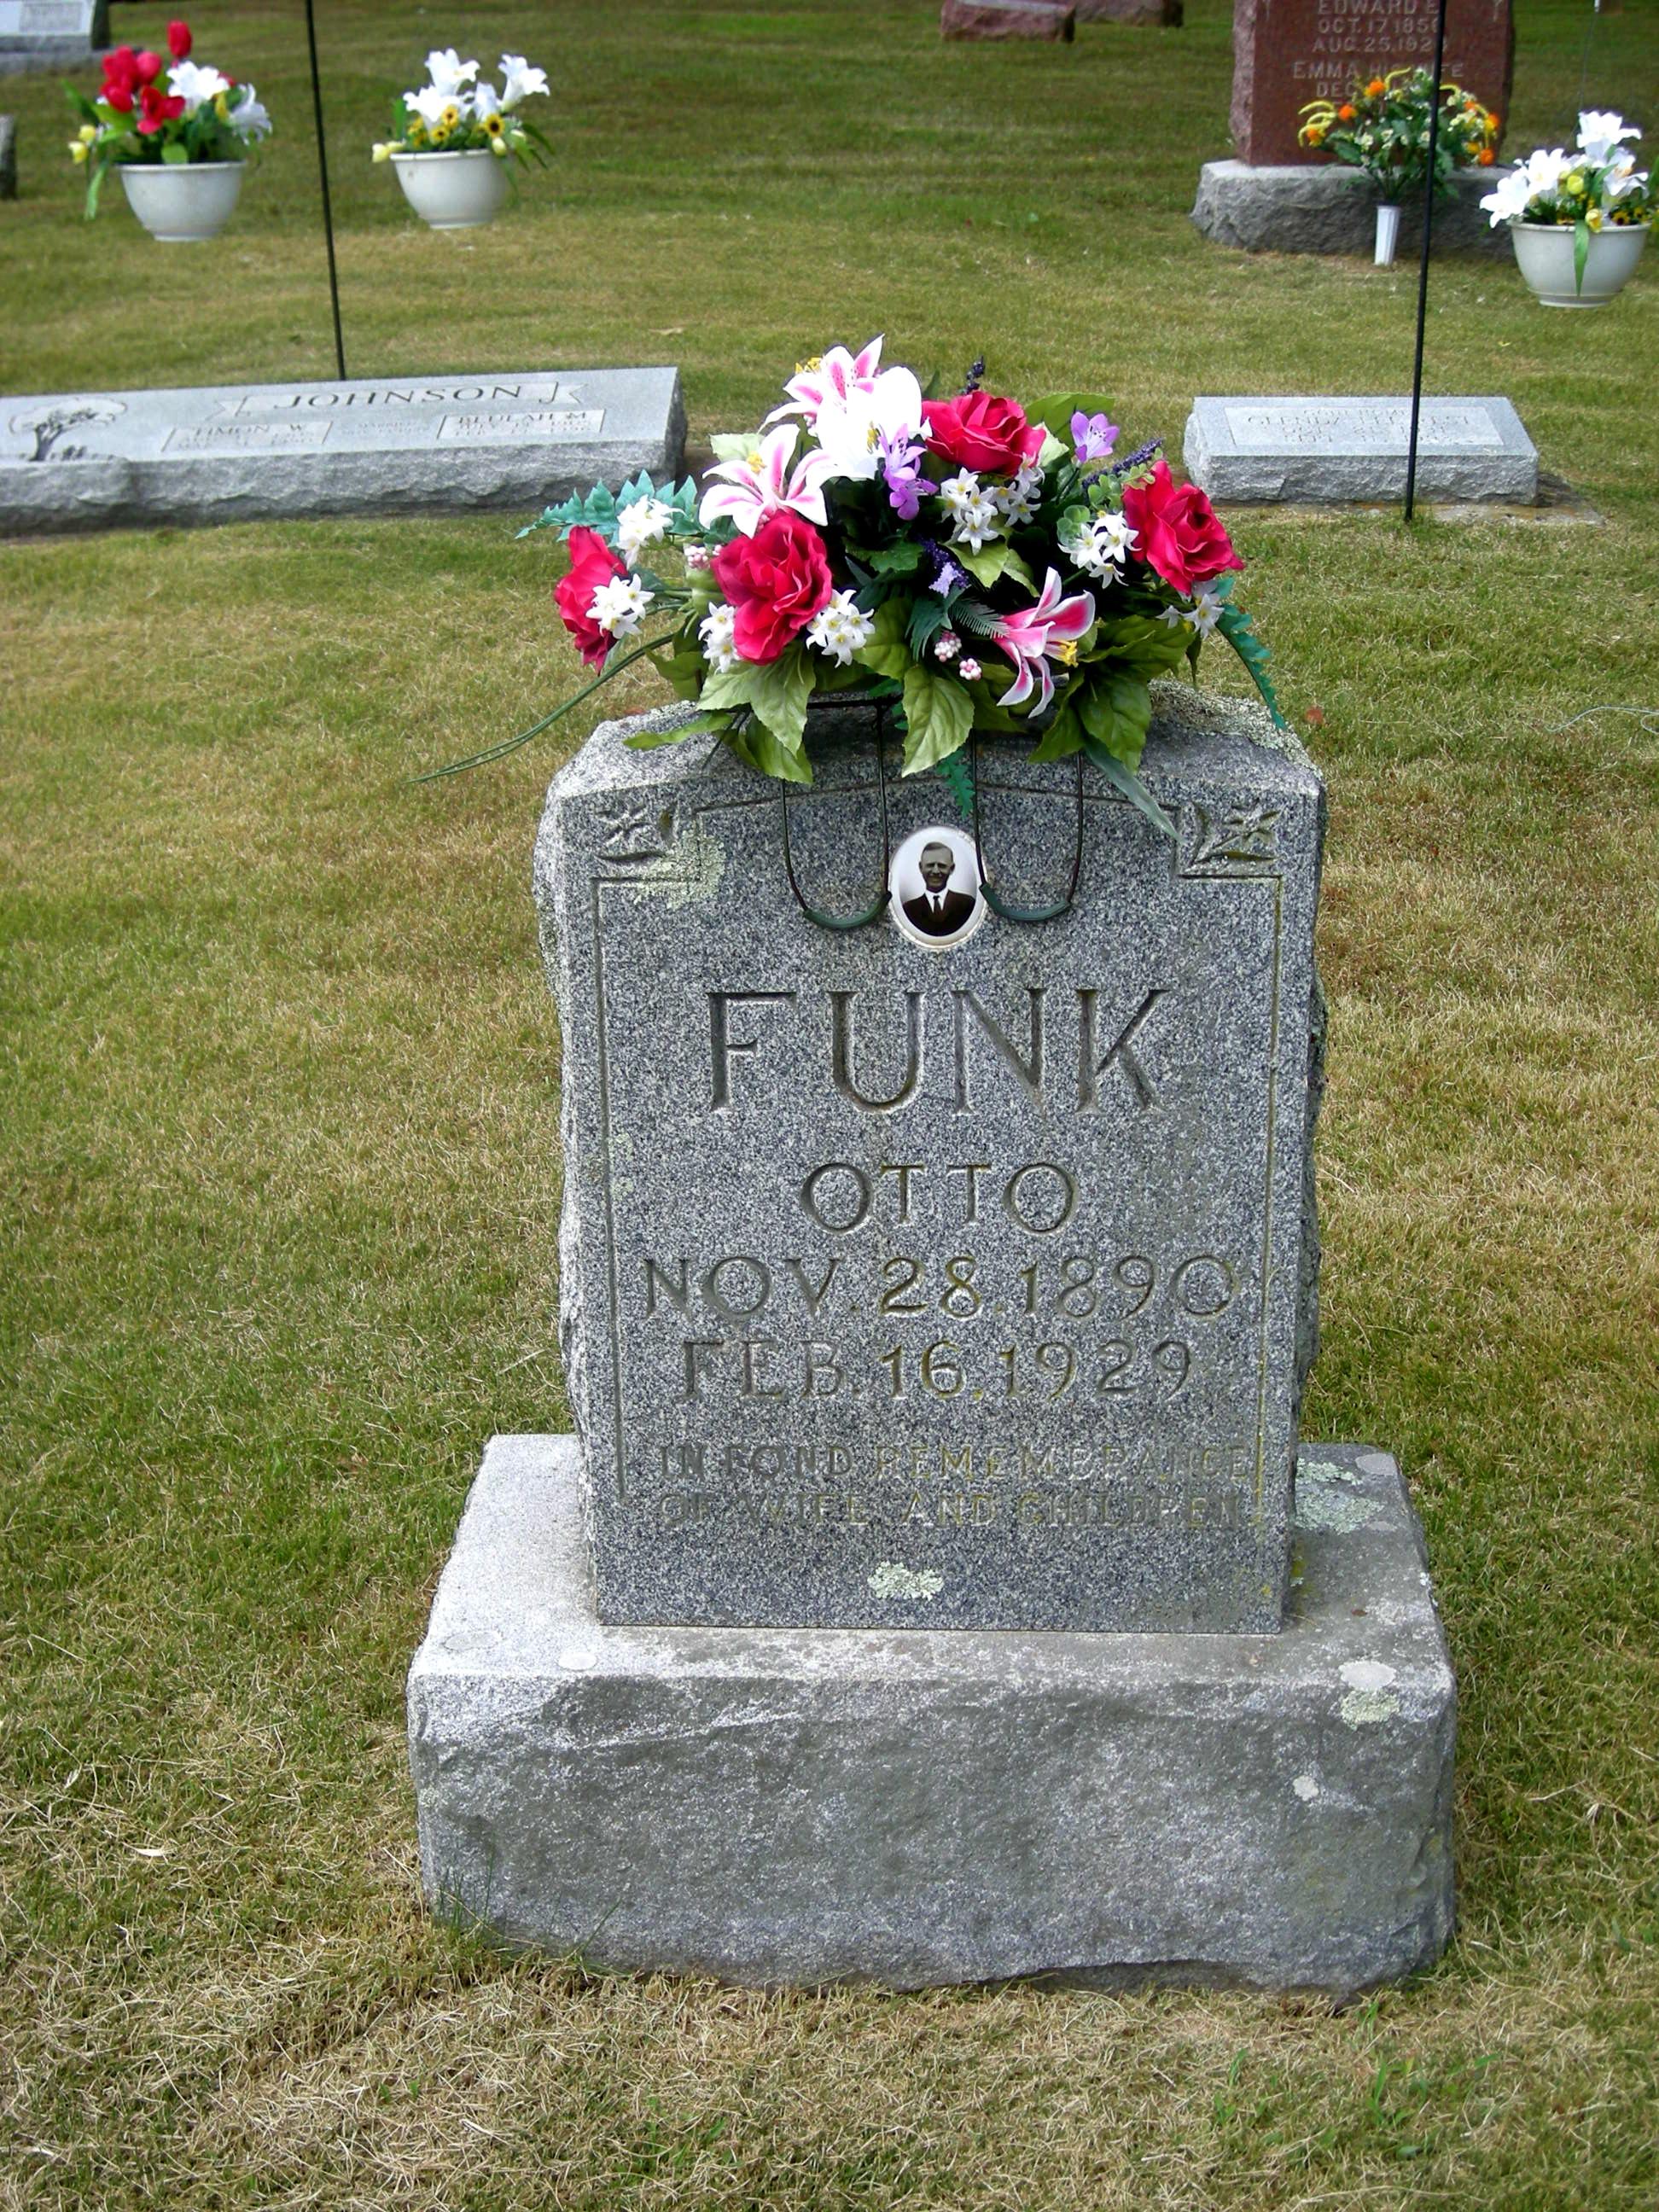 Otto Funk